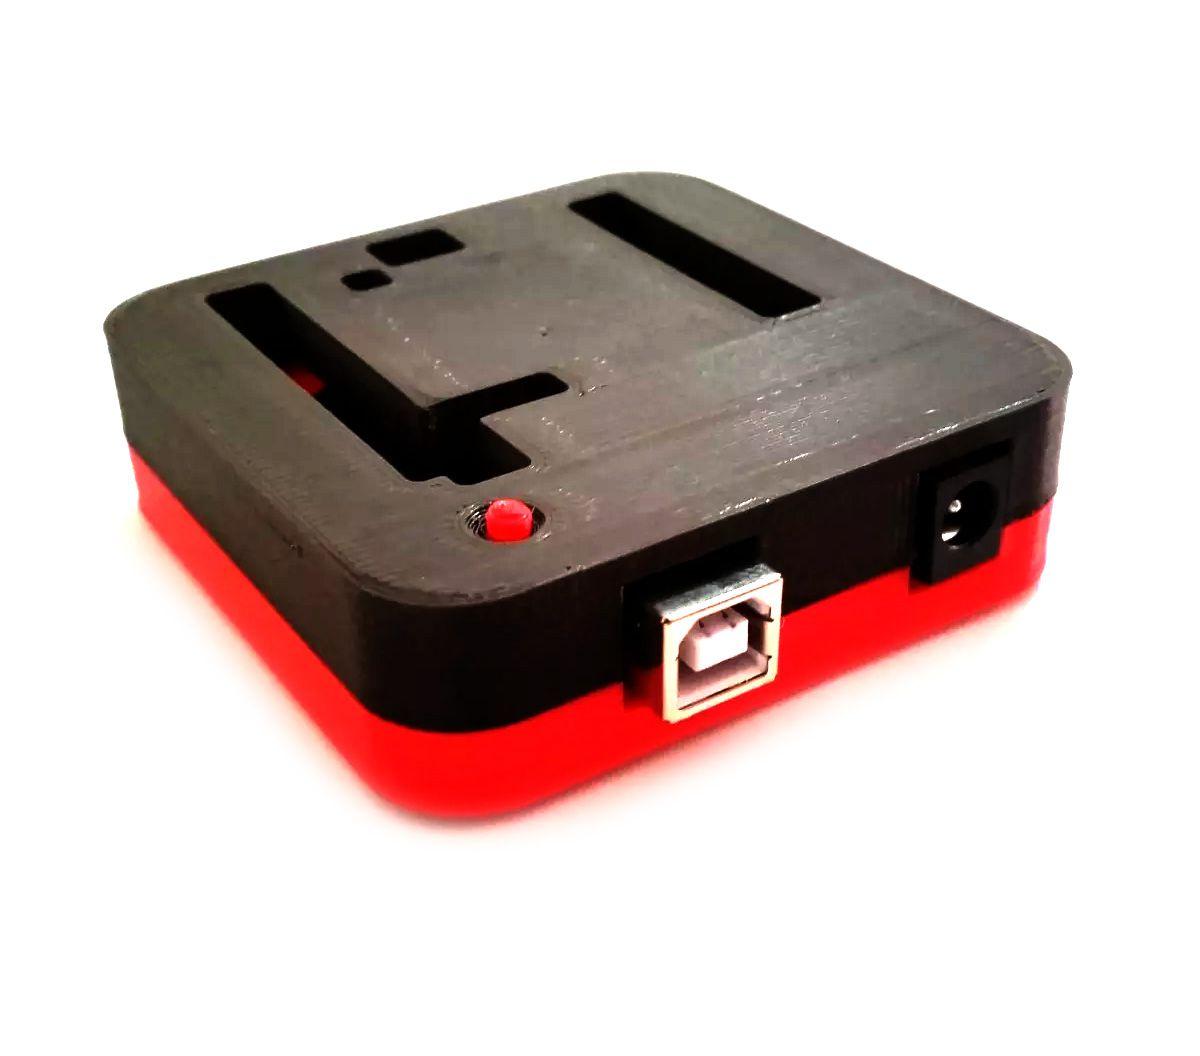 Case para Arduino Uno R3 DIP/SMD em 3D Base Vermelha e Topo Preto